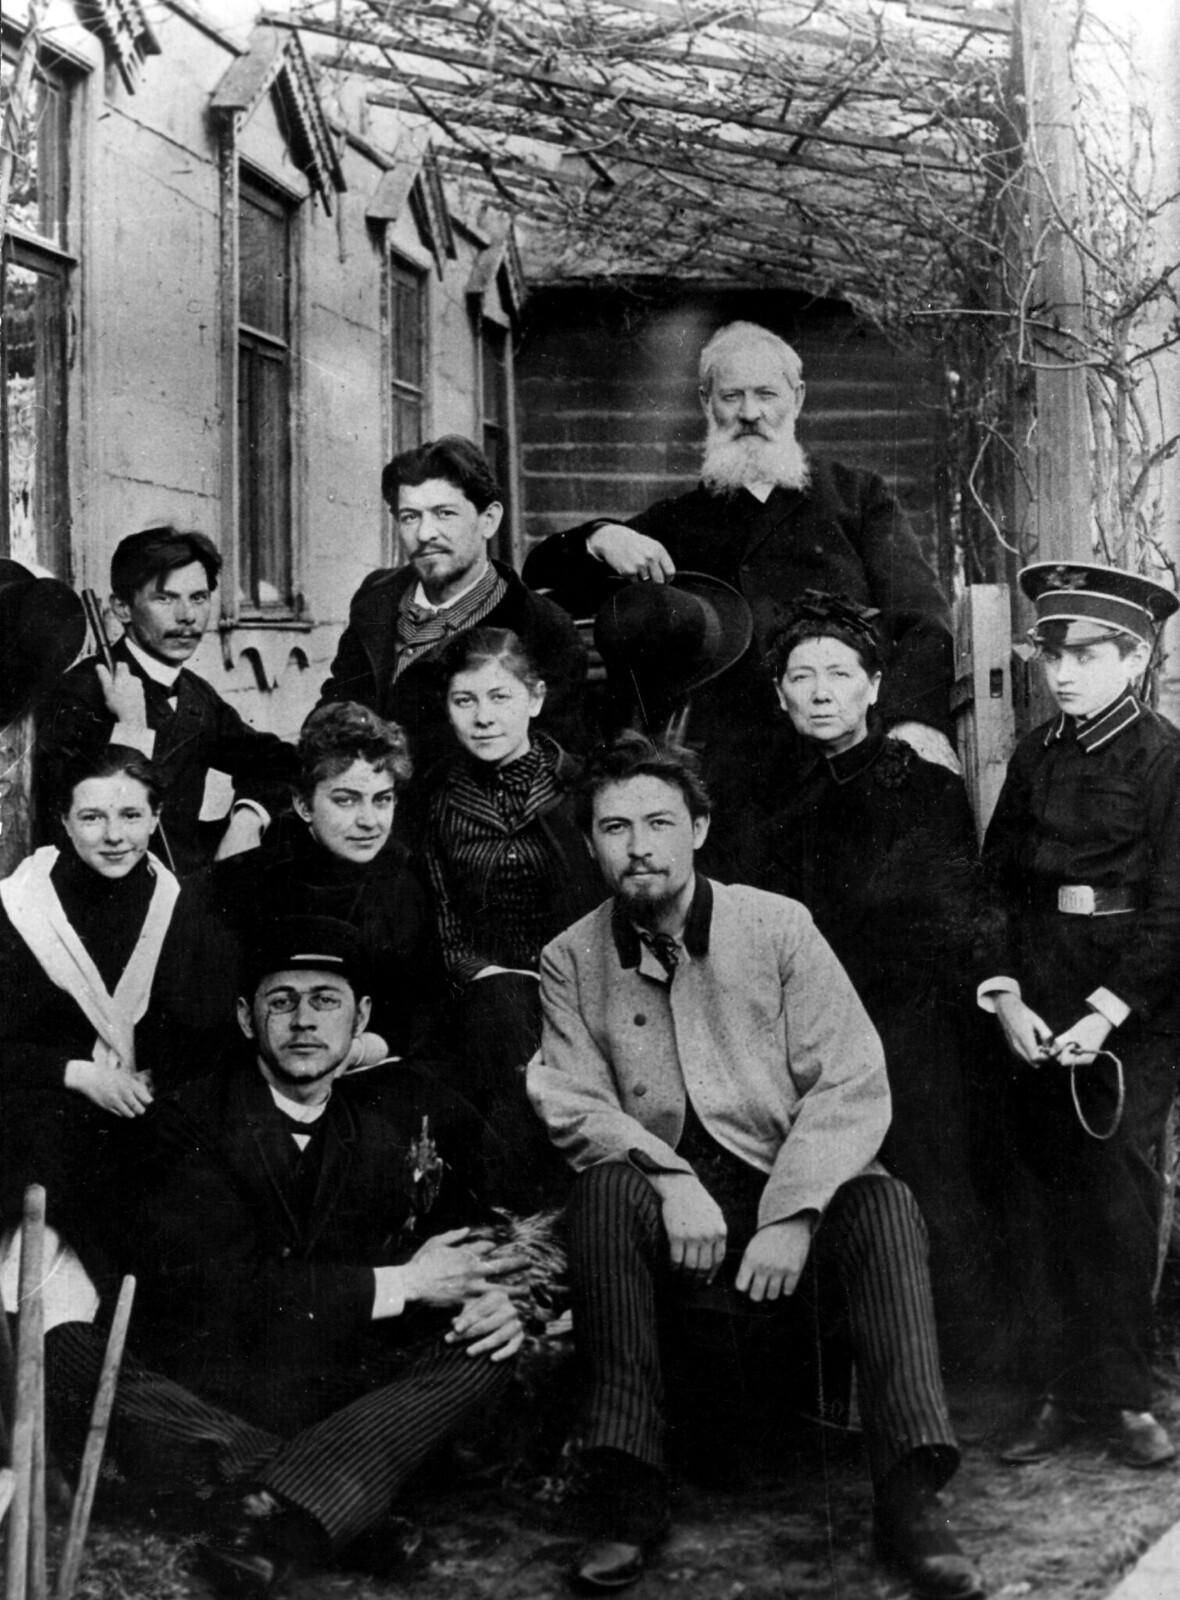 1888. Антон Чехов с друзьями и семьей в своем доме в Москве